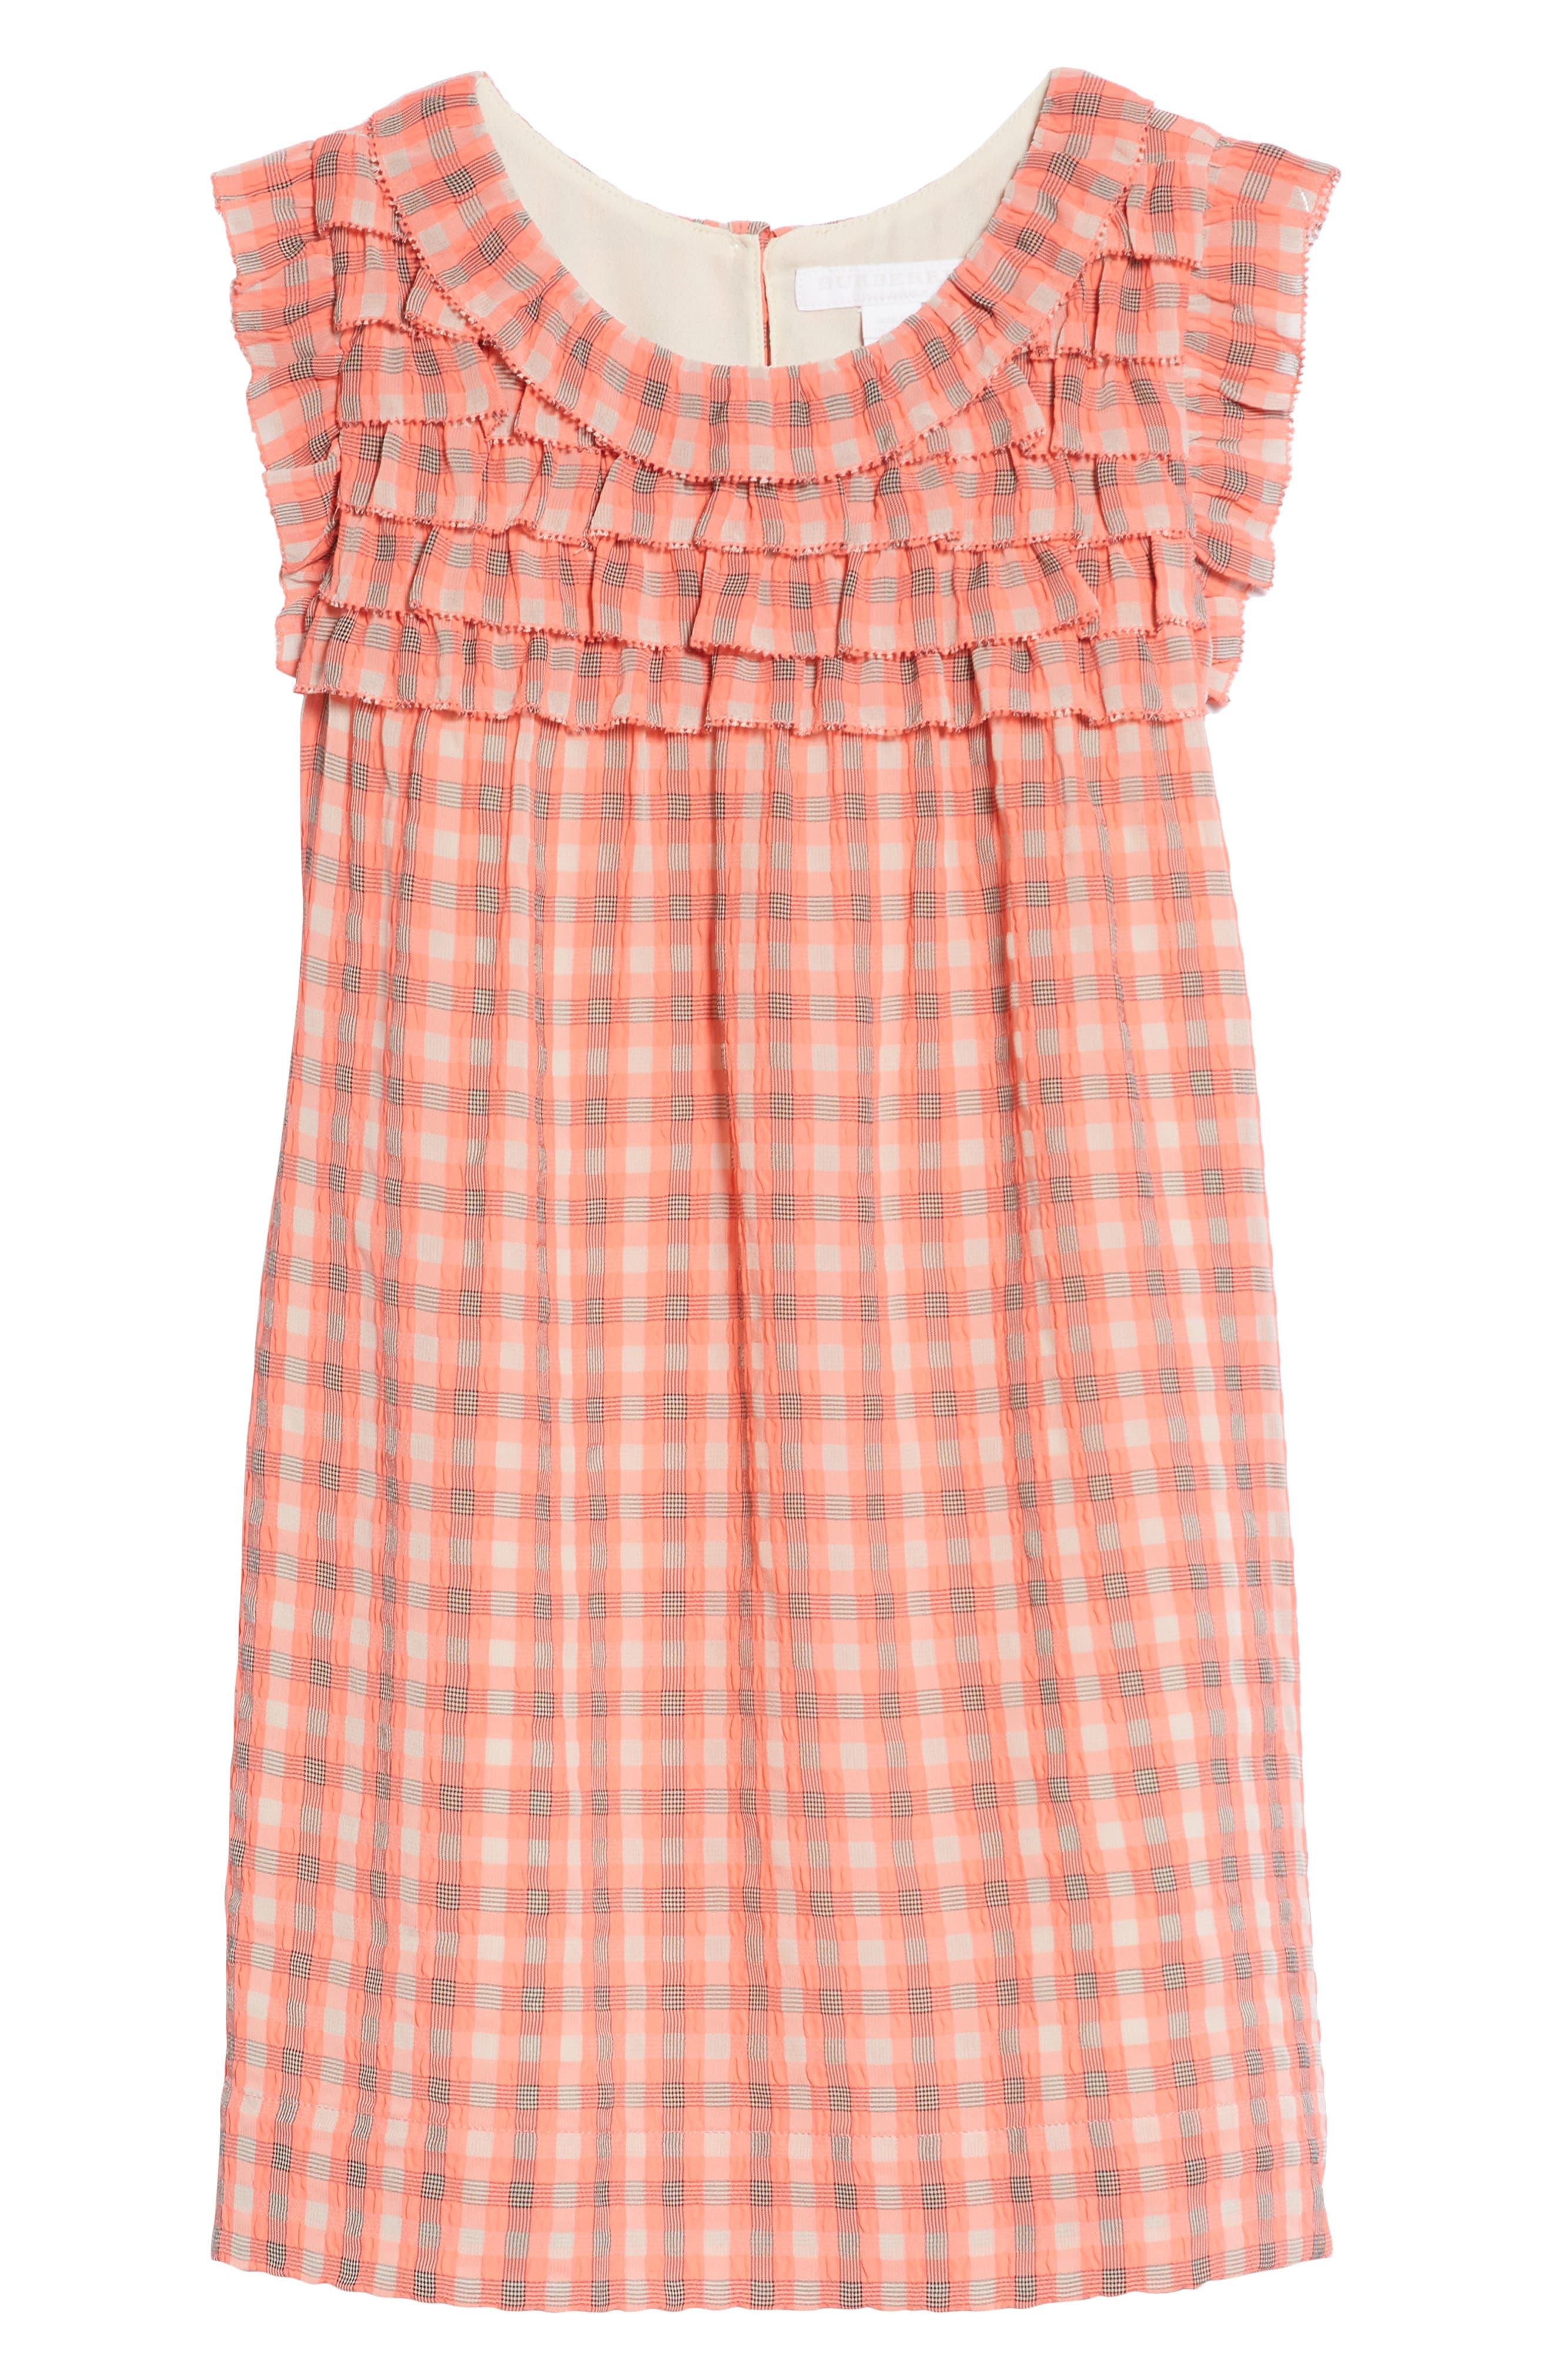 Magnoly Check Ruffle Dress,                         Main,                         color,